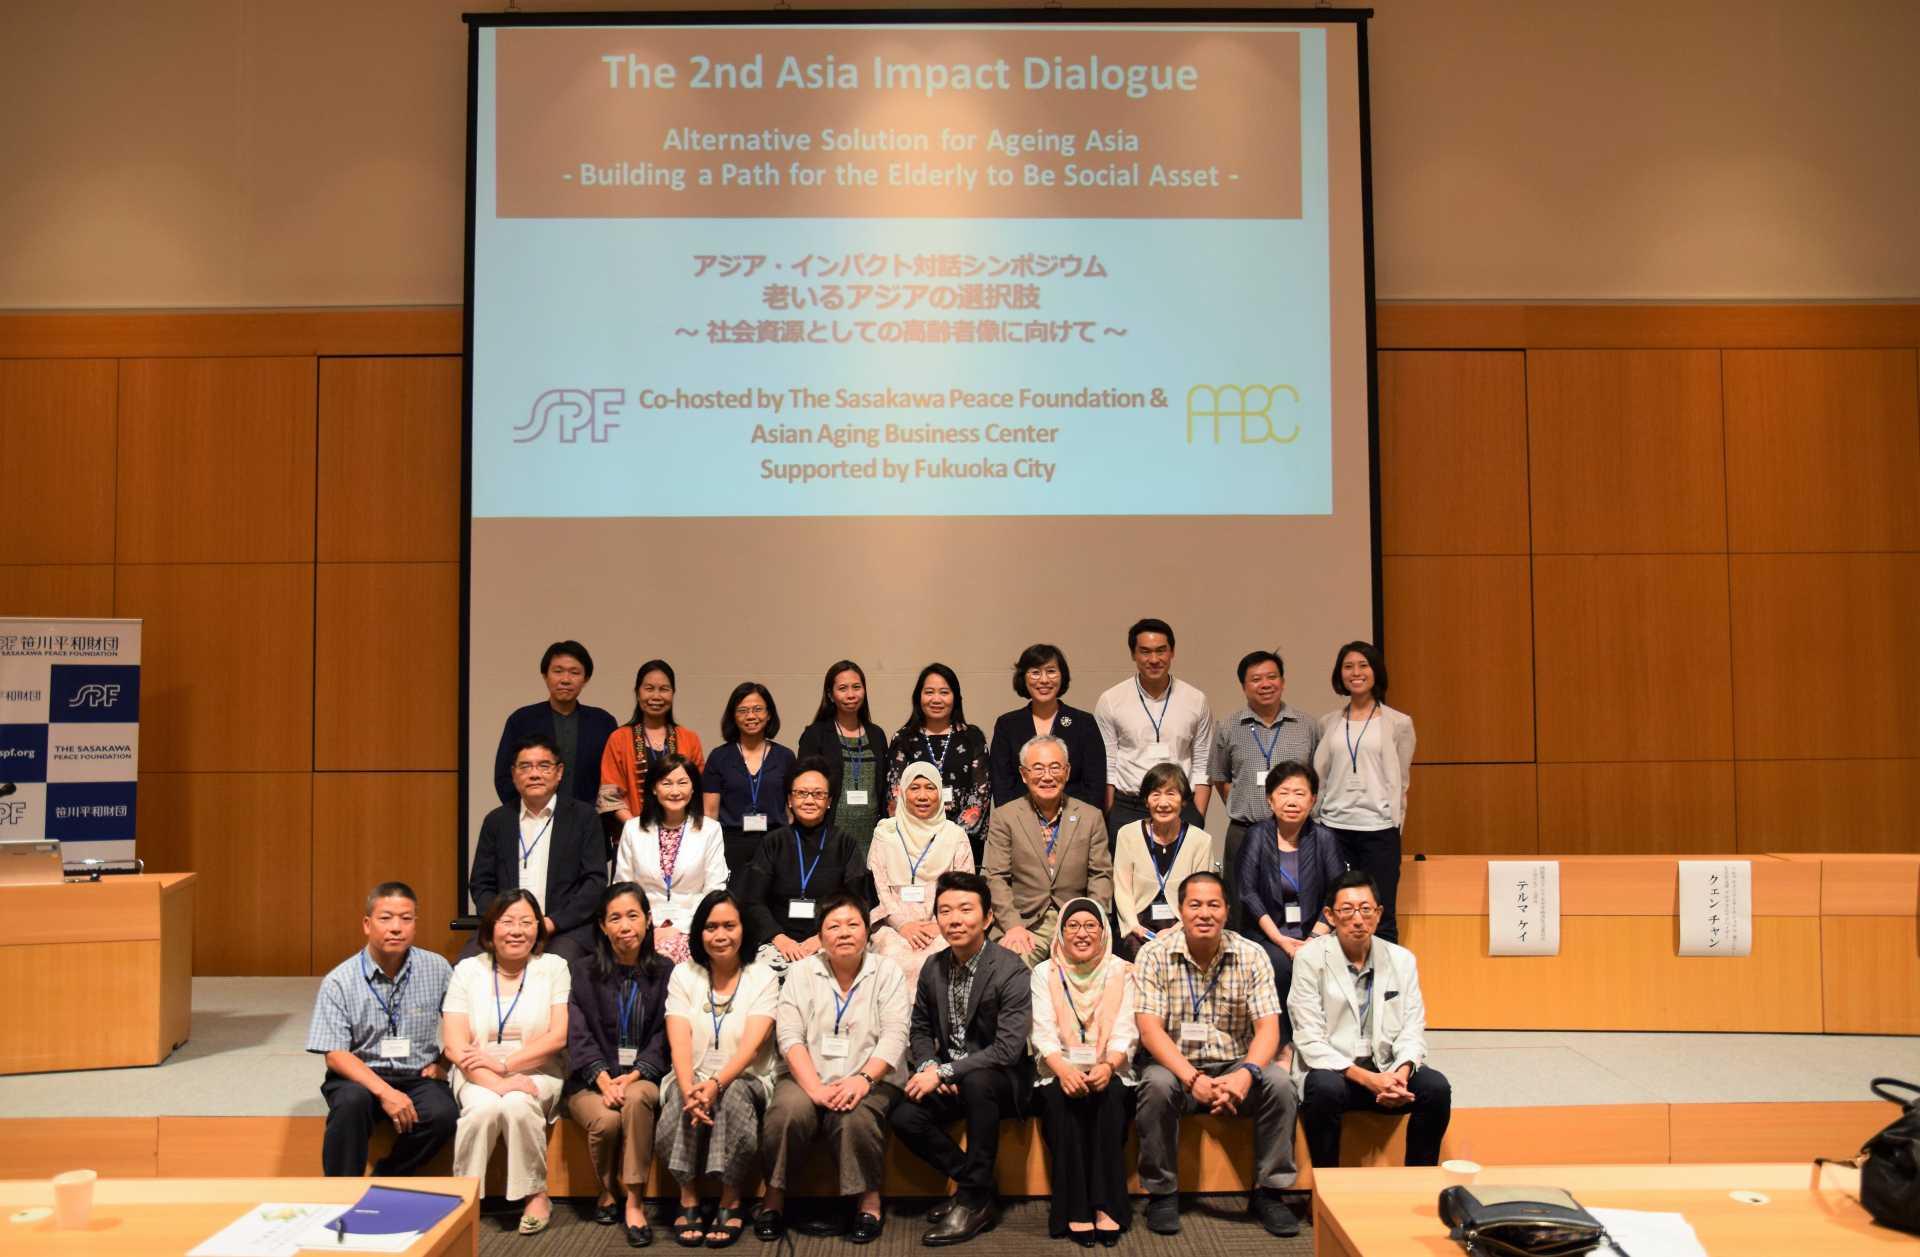 アジア・インパクト対話に参加したアジアの専門・実務家ら